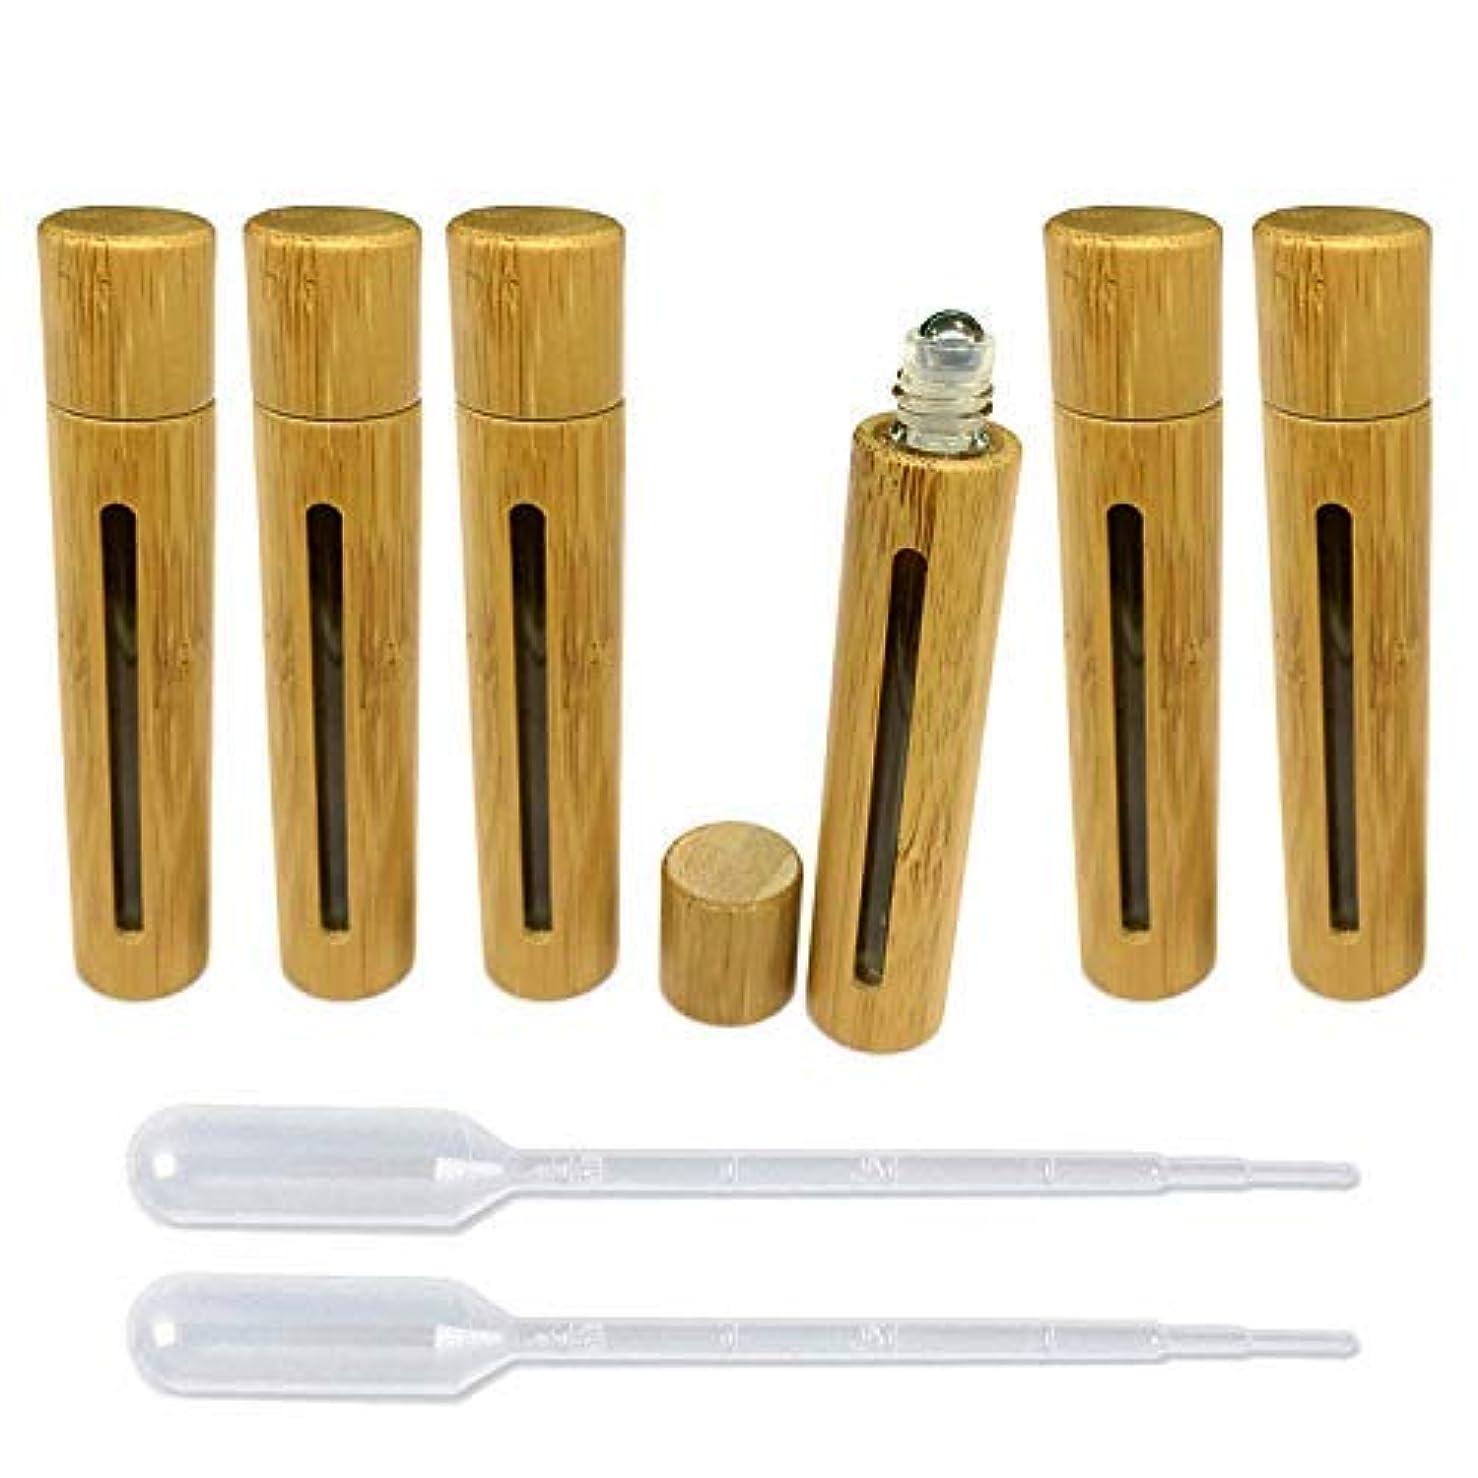 ふりをするホット急いで6 Pieces Roll On Bottles 10ml With Hollow Window Bamboo Shell Clear Glass Roller Bottles Empty Refillable Essential...